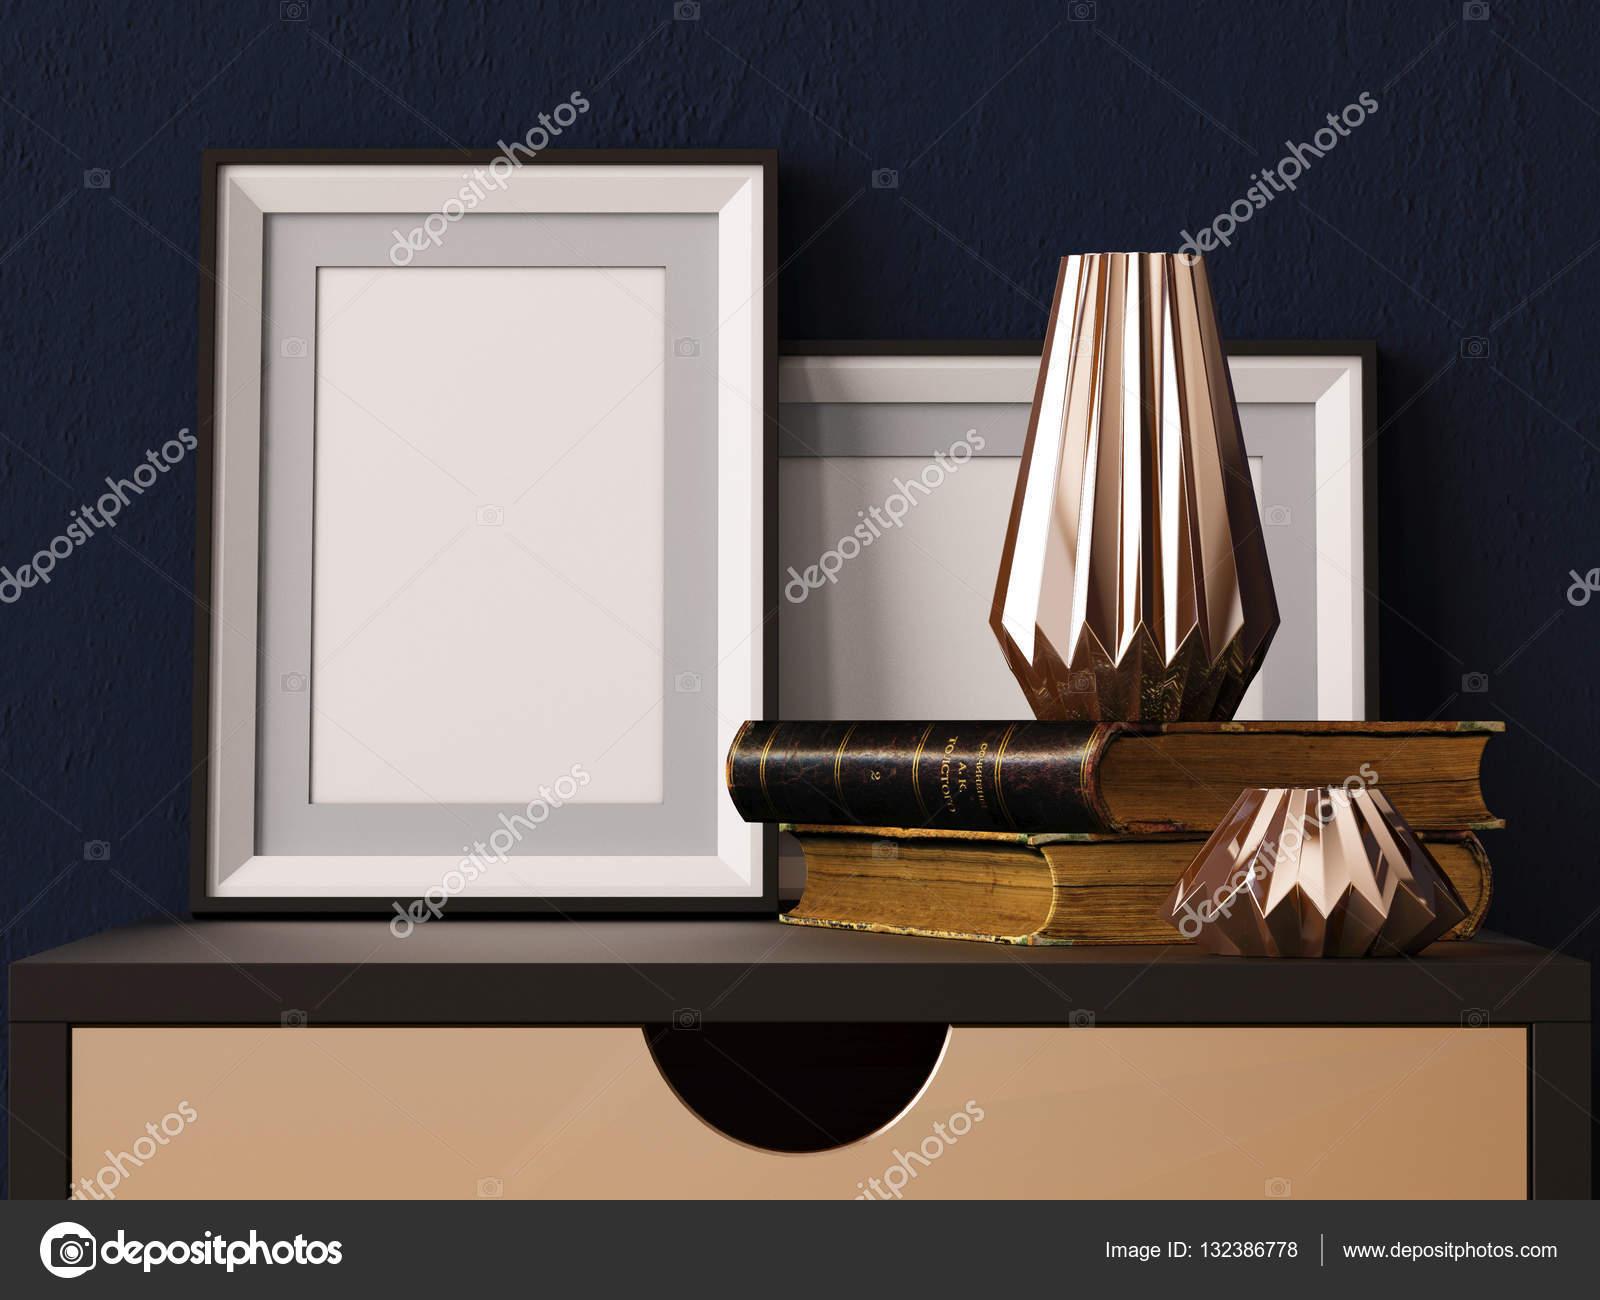 Decoratori duinterni su un tavolo u foto stock with - Decoratori d interni ...